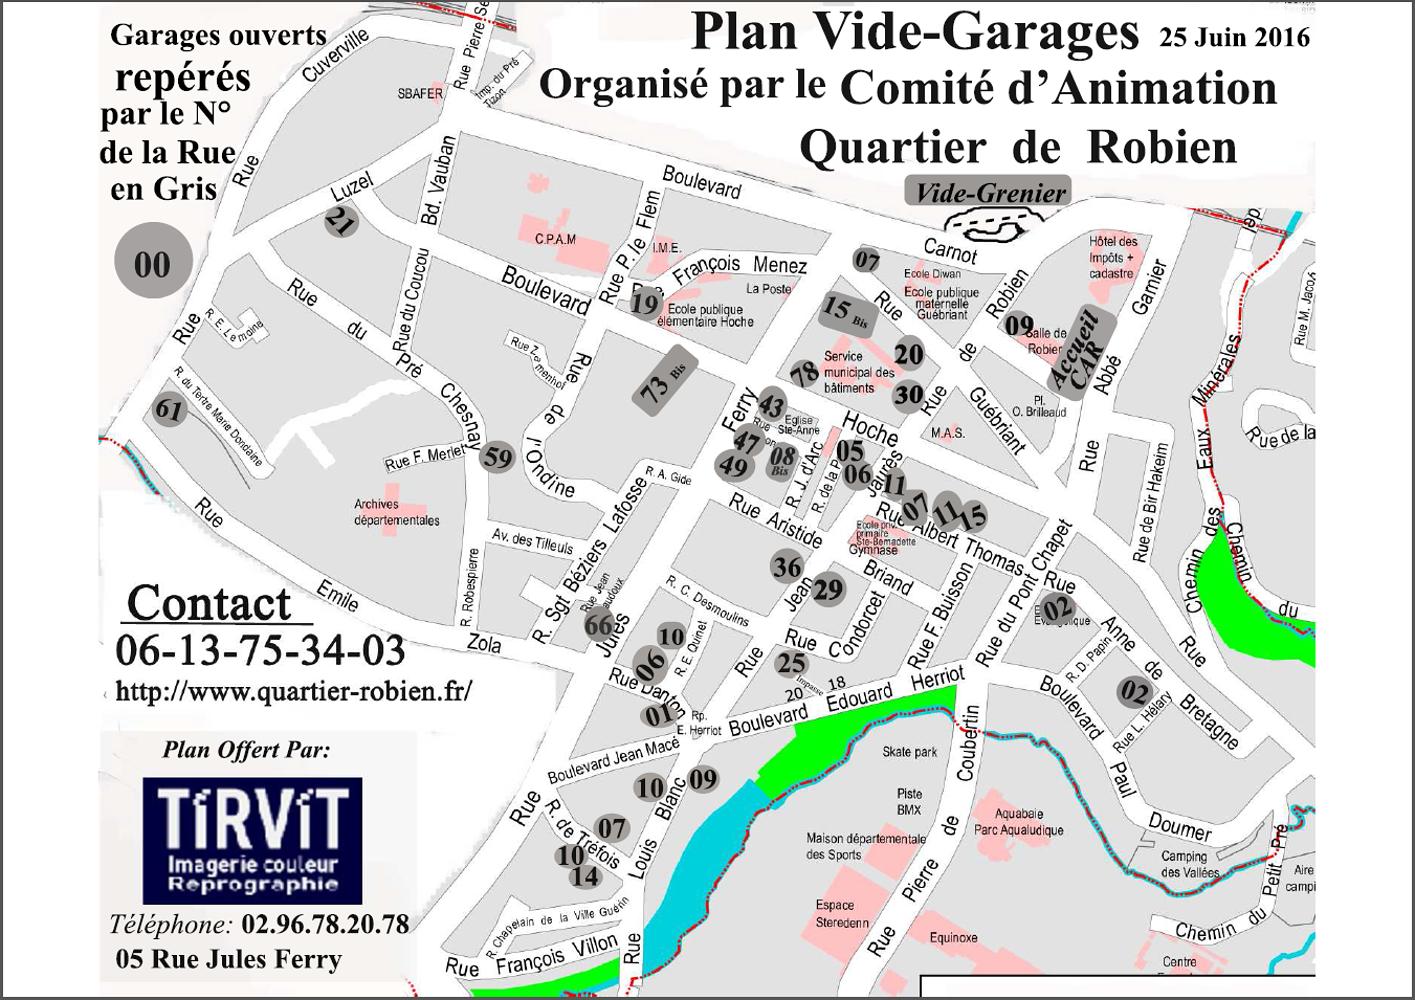 La carte du vide-garage du samedi 25 0